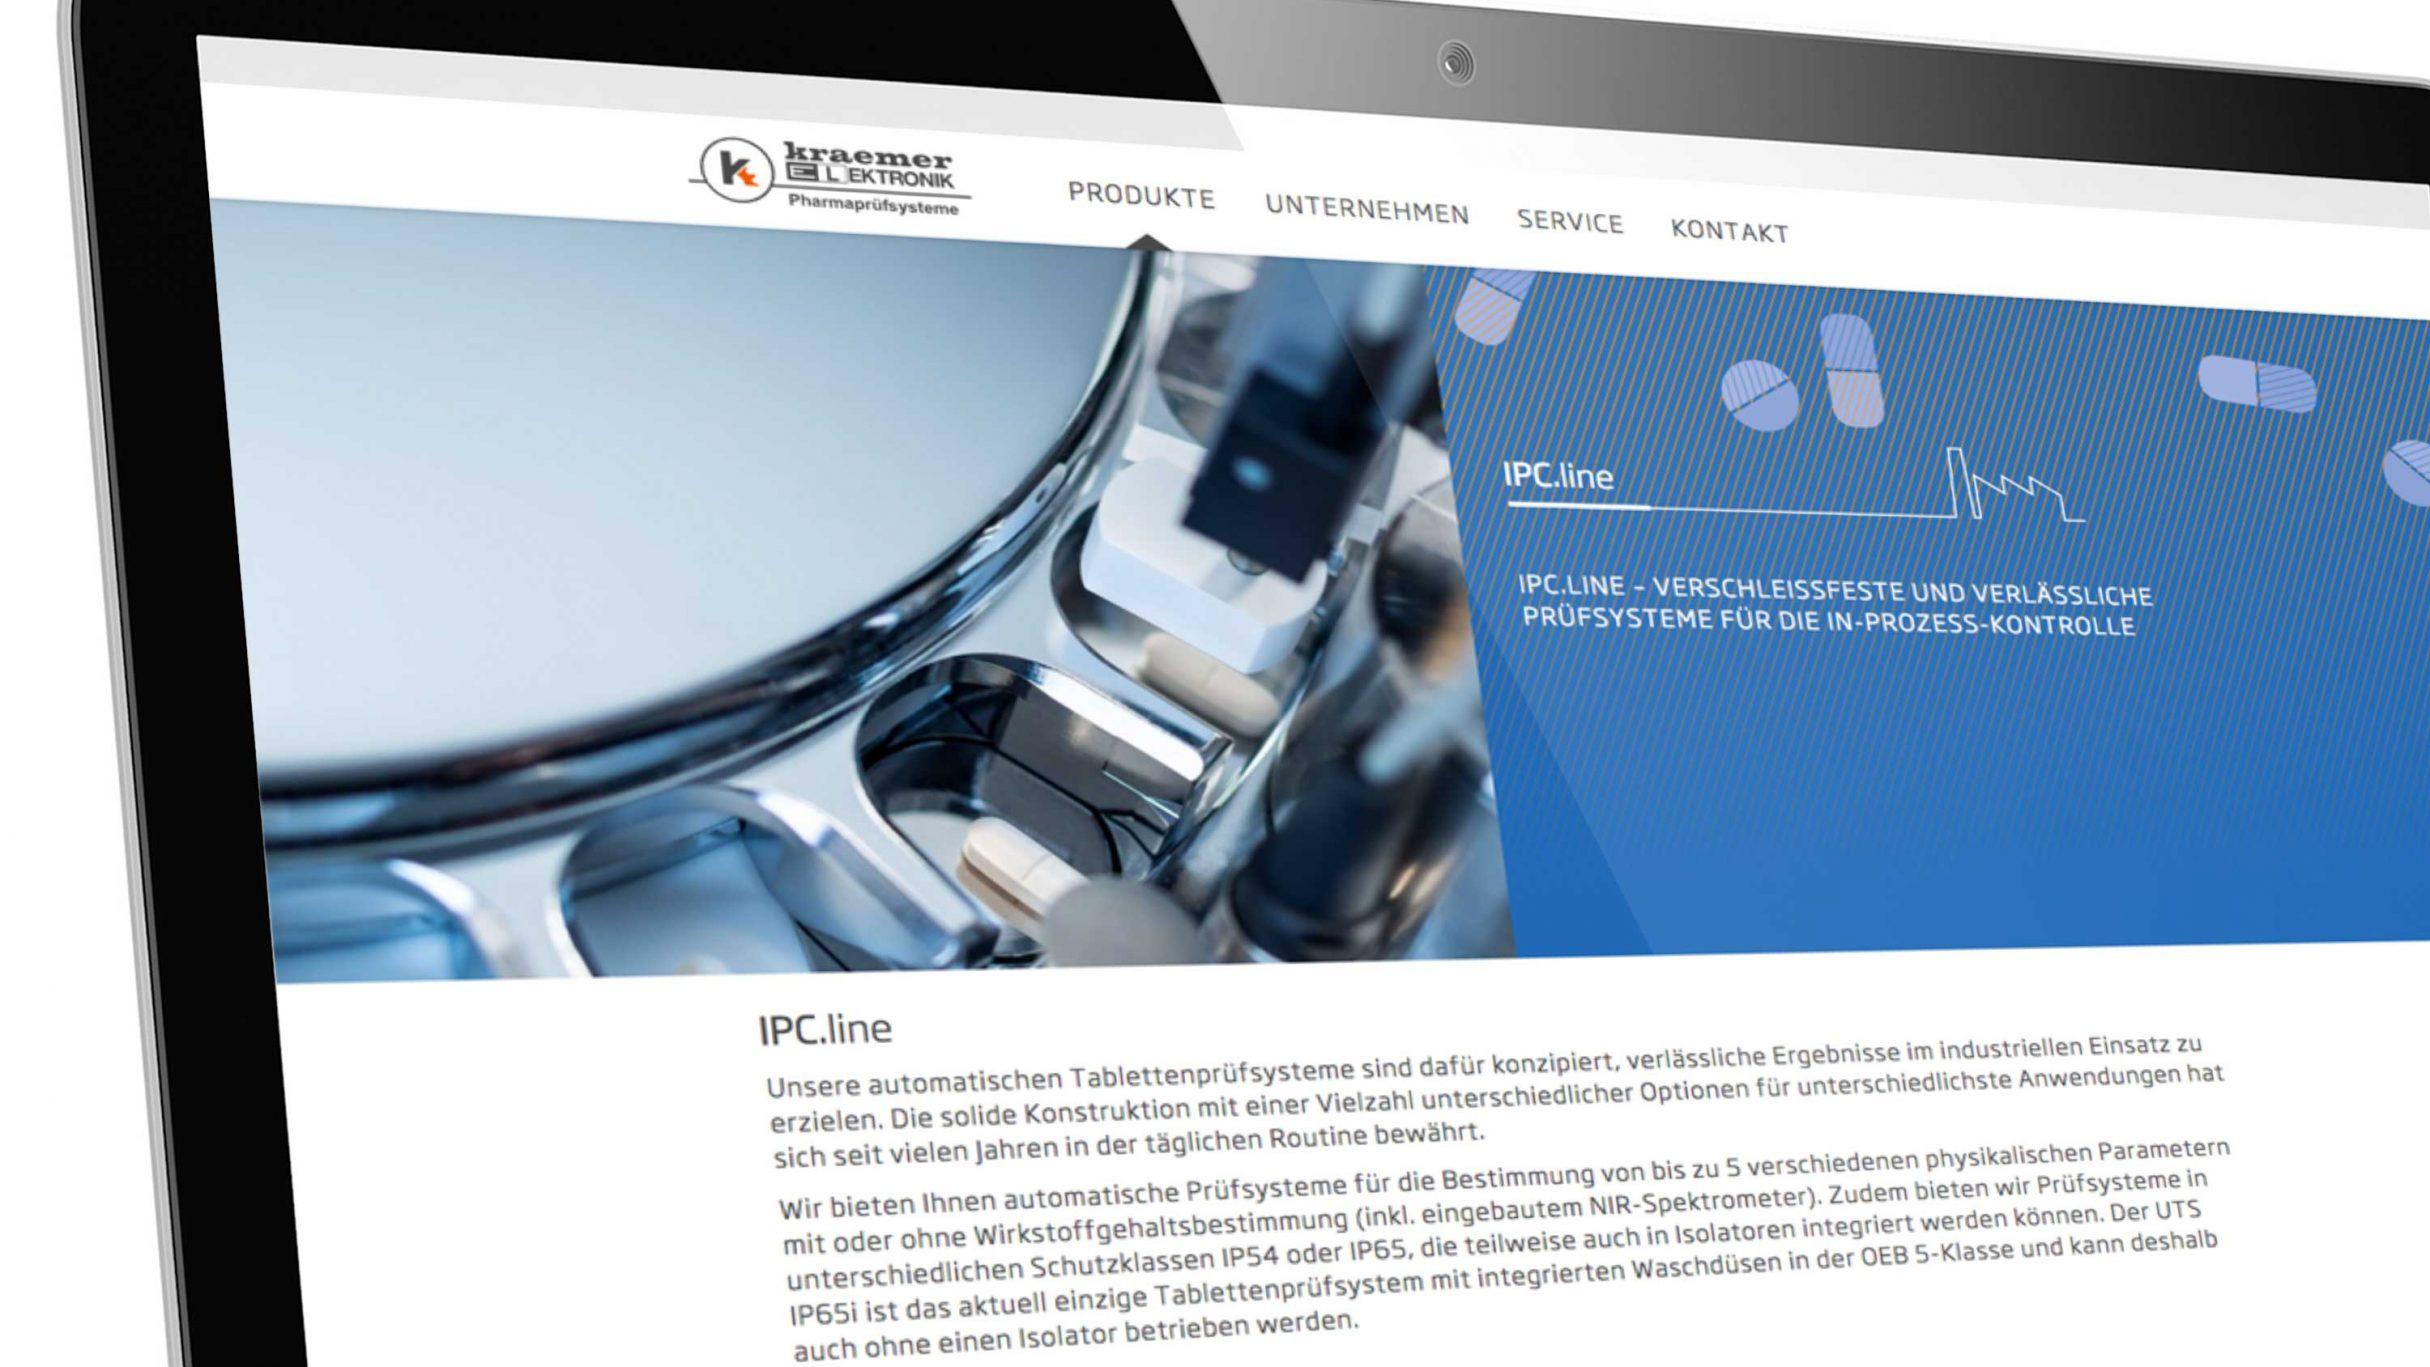 Webdesign für Kraemer Elektronik Tablettenprüfsysteme: DIE NEUDENKER® Agentur, Darmstadt